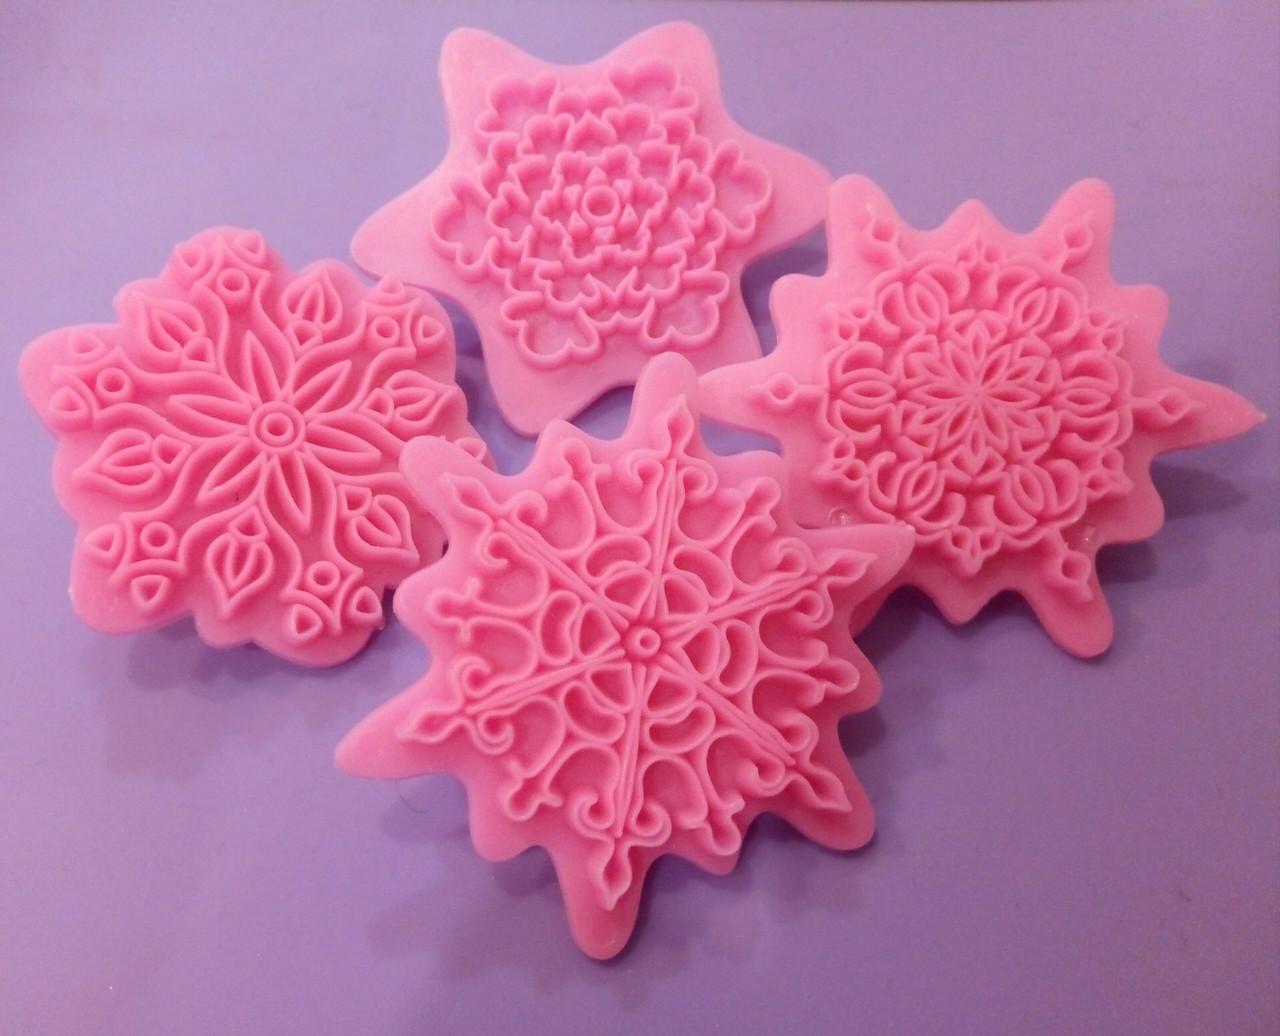 Пресс-шаблон для украшения торта ажурные снежинки